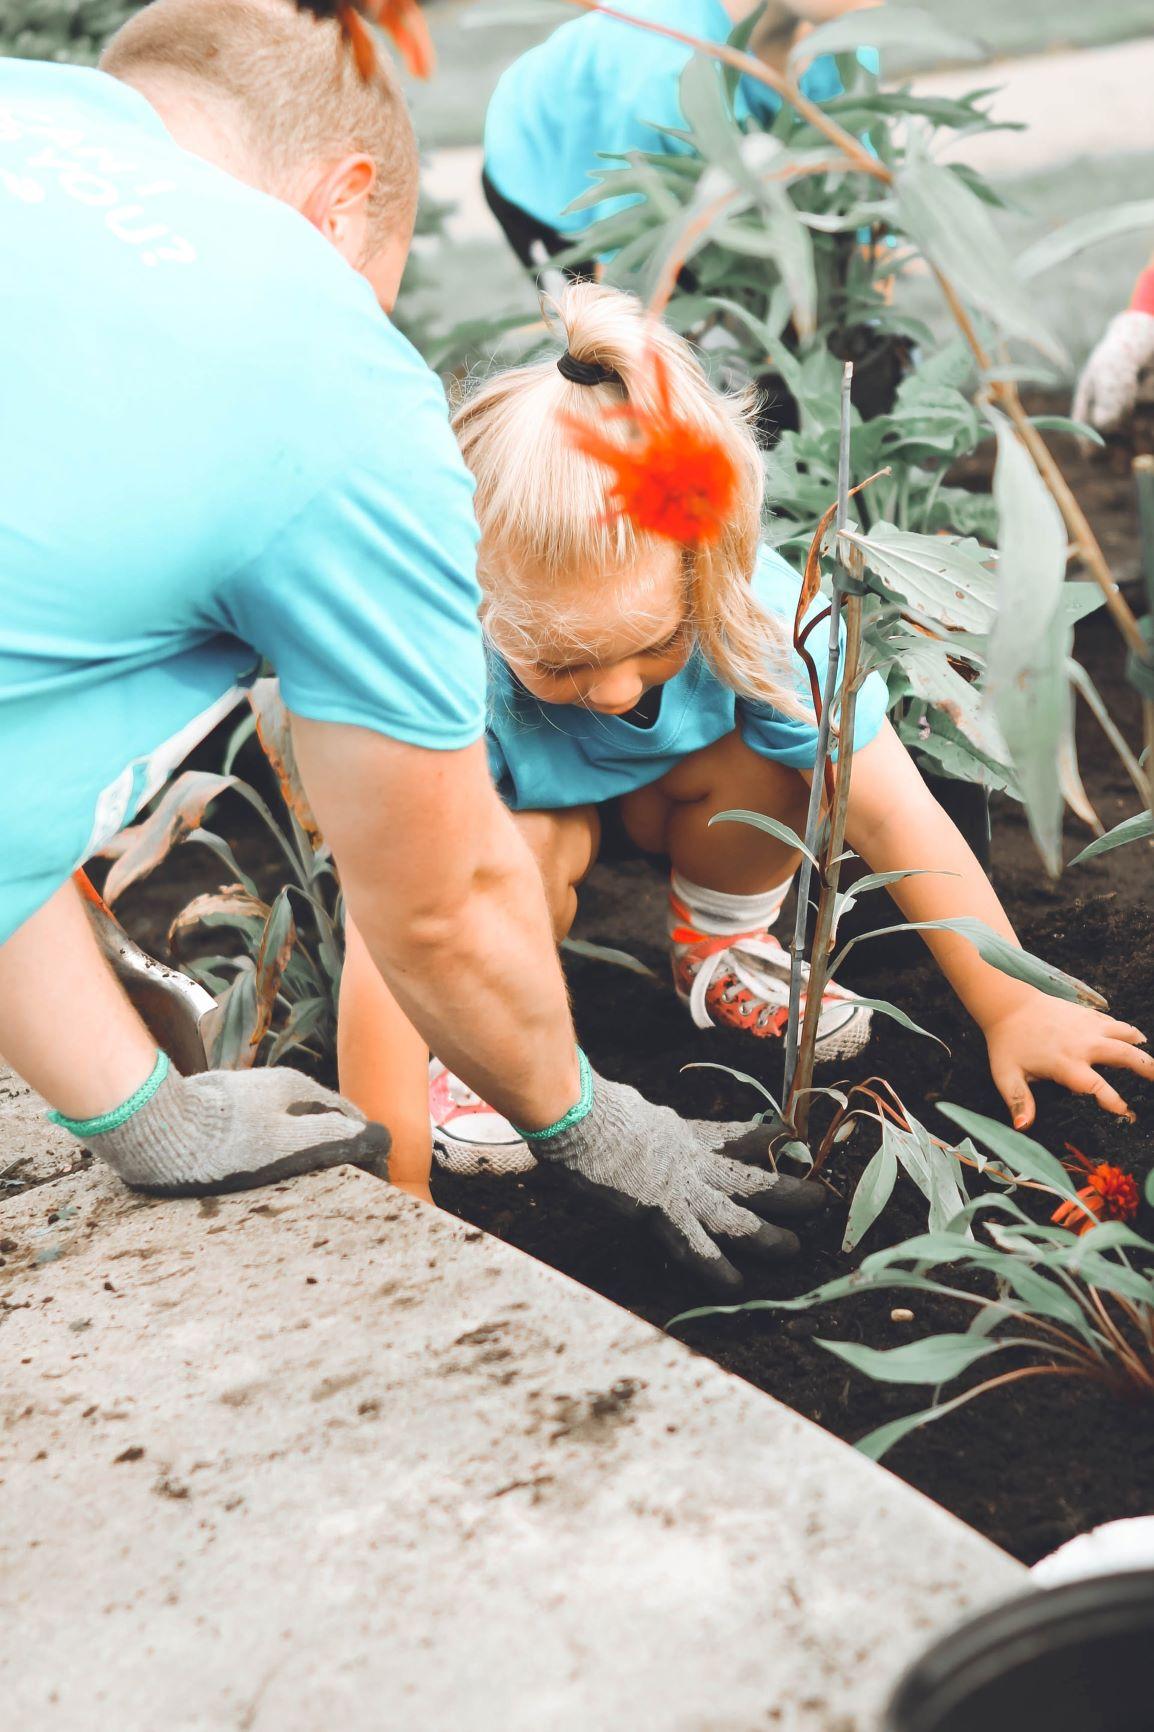 Copiii și treburile casnice